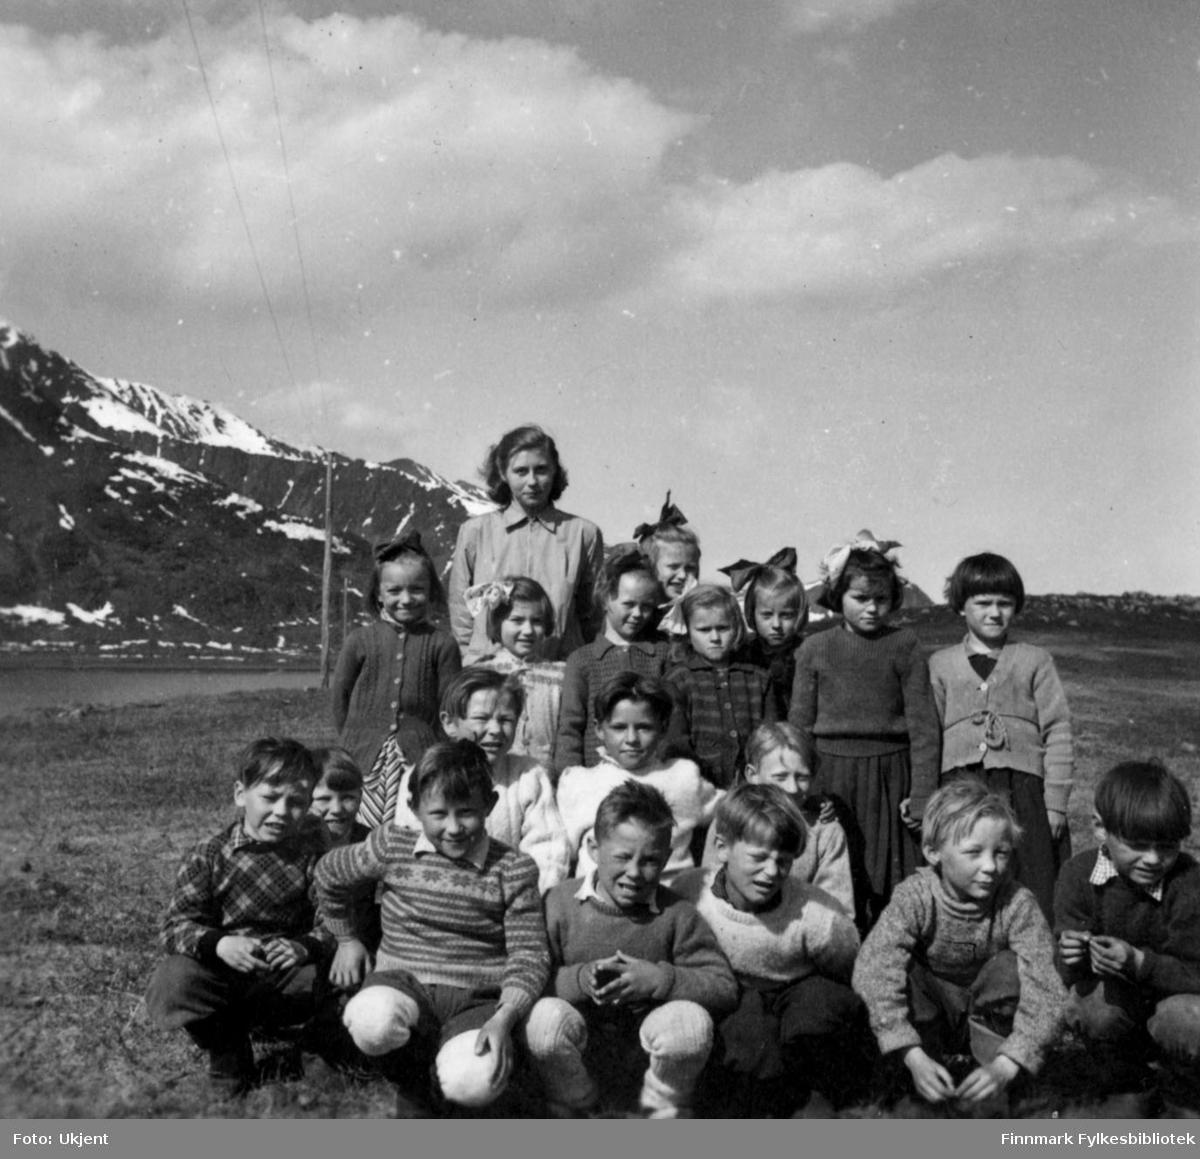 Et gruppebilde av 1. og 2. klasse ved Nuvsvåg skole 1954. Bakerste rad fra venstre: Irene Martinsen og Brynhild Martinsen. Raden foran dem fra venstre: Elbjørg Jensen, Jorunn Karlsen, Berit Mortensen, Marie Karlsen, Grethe Kvivesen, Karin Andersen og Beathe Abrahamsen. De fire neste guttene på raden foran dem fra venstre er: Knut Mortensen (nesten gjemt bak gutten foran ham), Kristian Jensen, Harry Karlsen og Sigmund Olsen. Første rad fra venstre: Jermund Amundsen, Svein Karlsen, Einar Fjellheim, Halvdan Olsen, Leif Karlsen og Herman Andersen. Barna har på seg gensere og skjorter. Jentene har på seg skjørt og de fleste har hårsløyfe. Guttene har på seg bukser og man kan se skoene til enkelte i første rad. Bak gruppen kan man se fjell og strømlinjer.